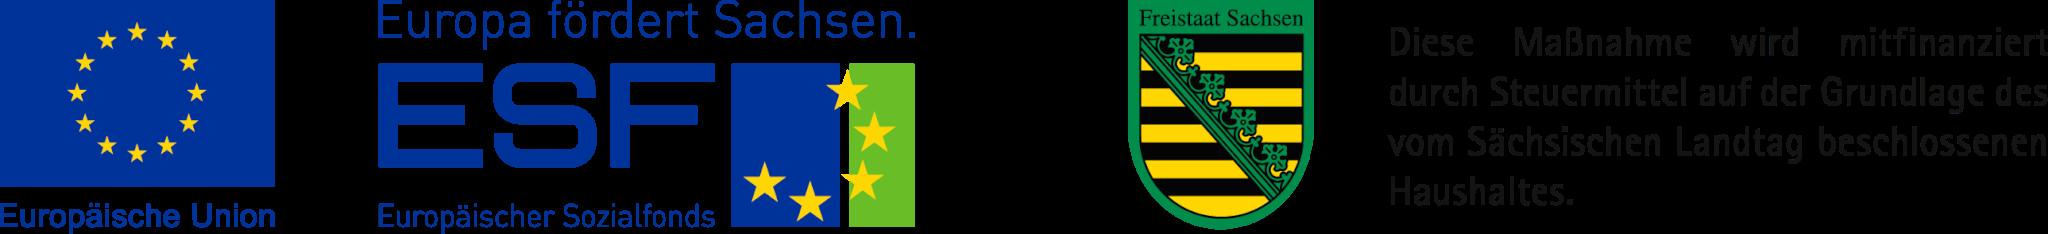 Logo EU ESF Land Sachsen